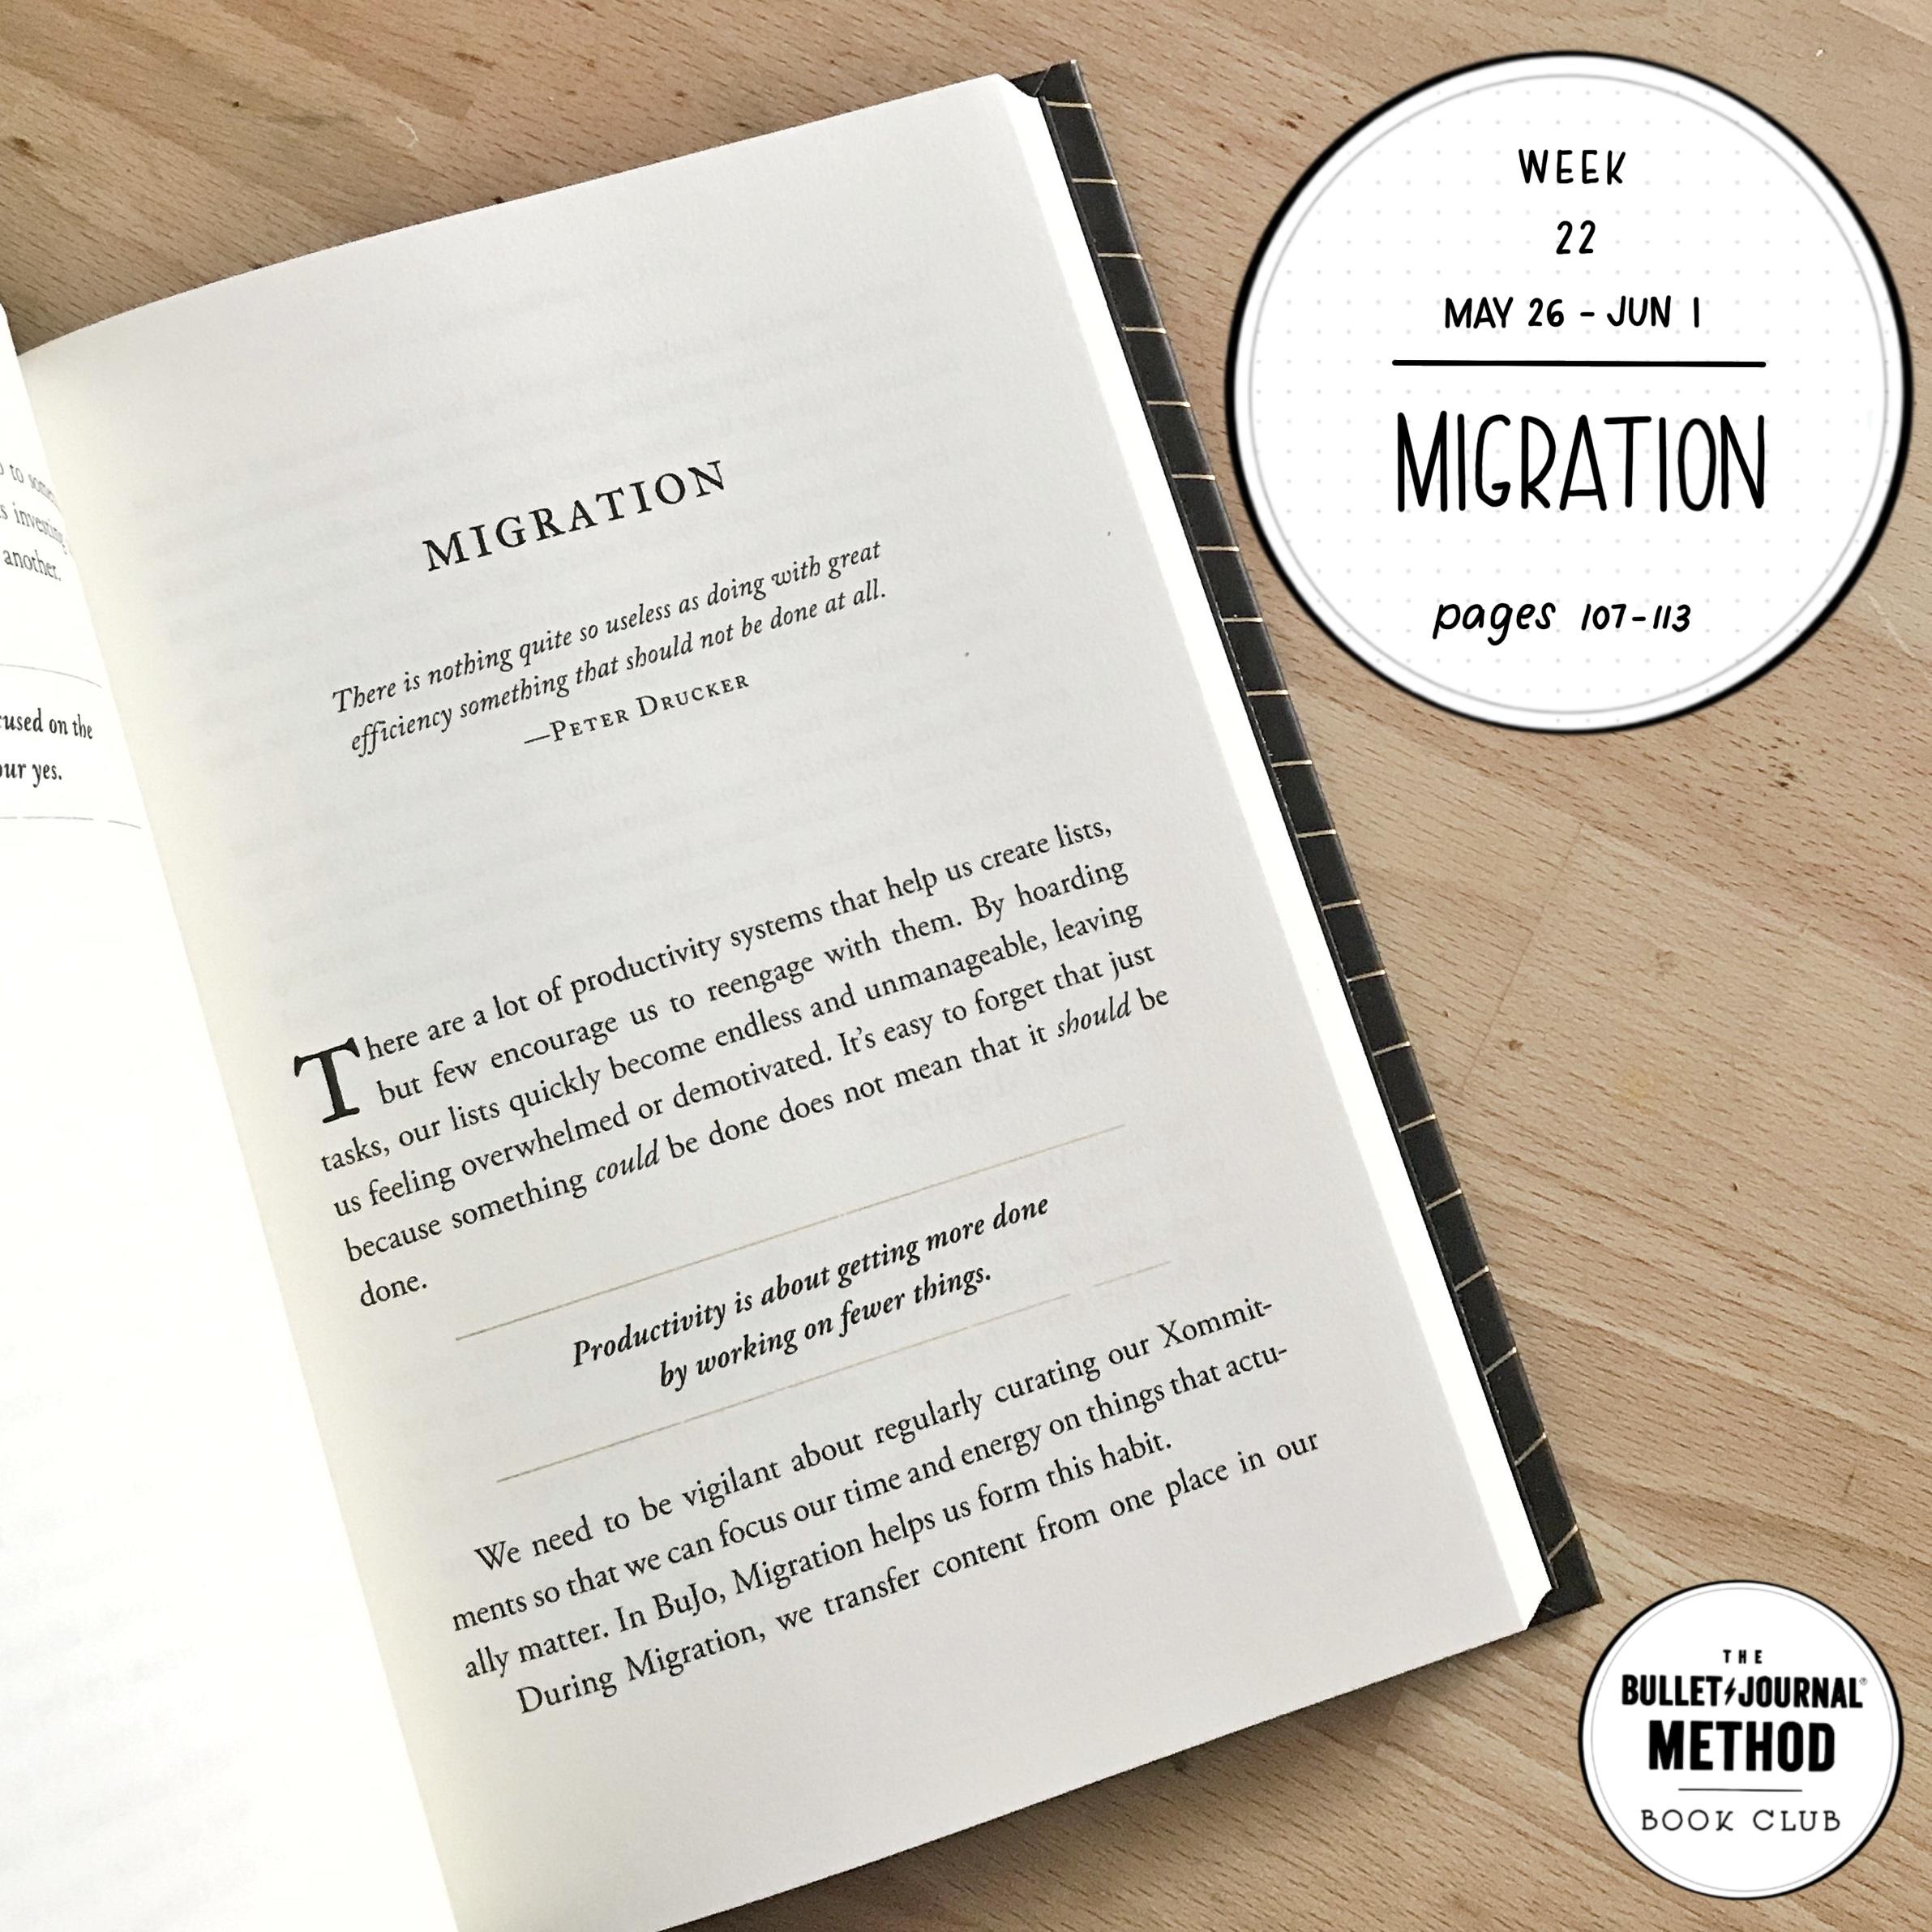 Wk_22_Migration_TBJMBC.jpg